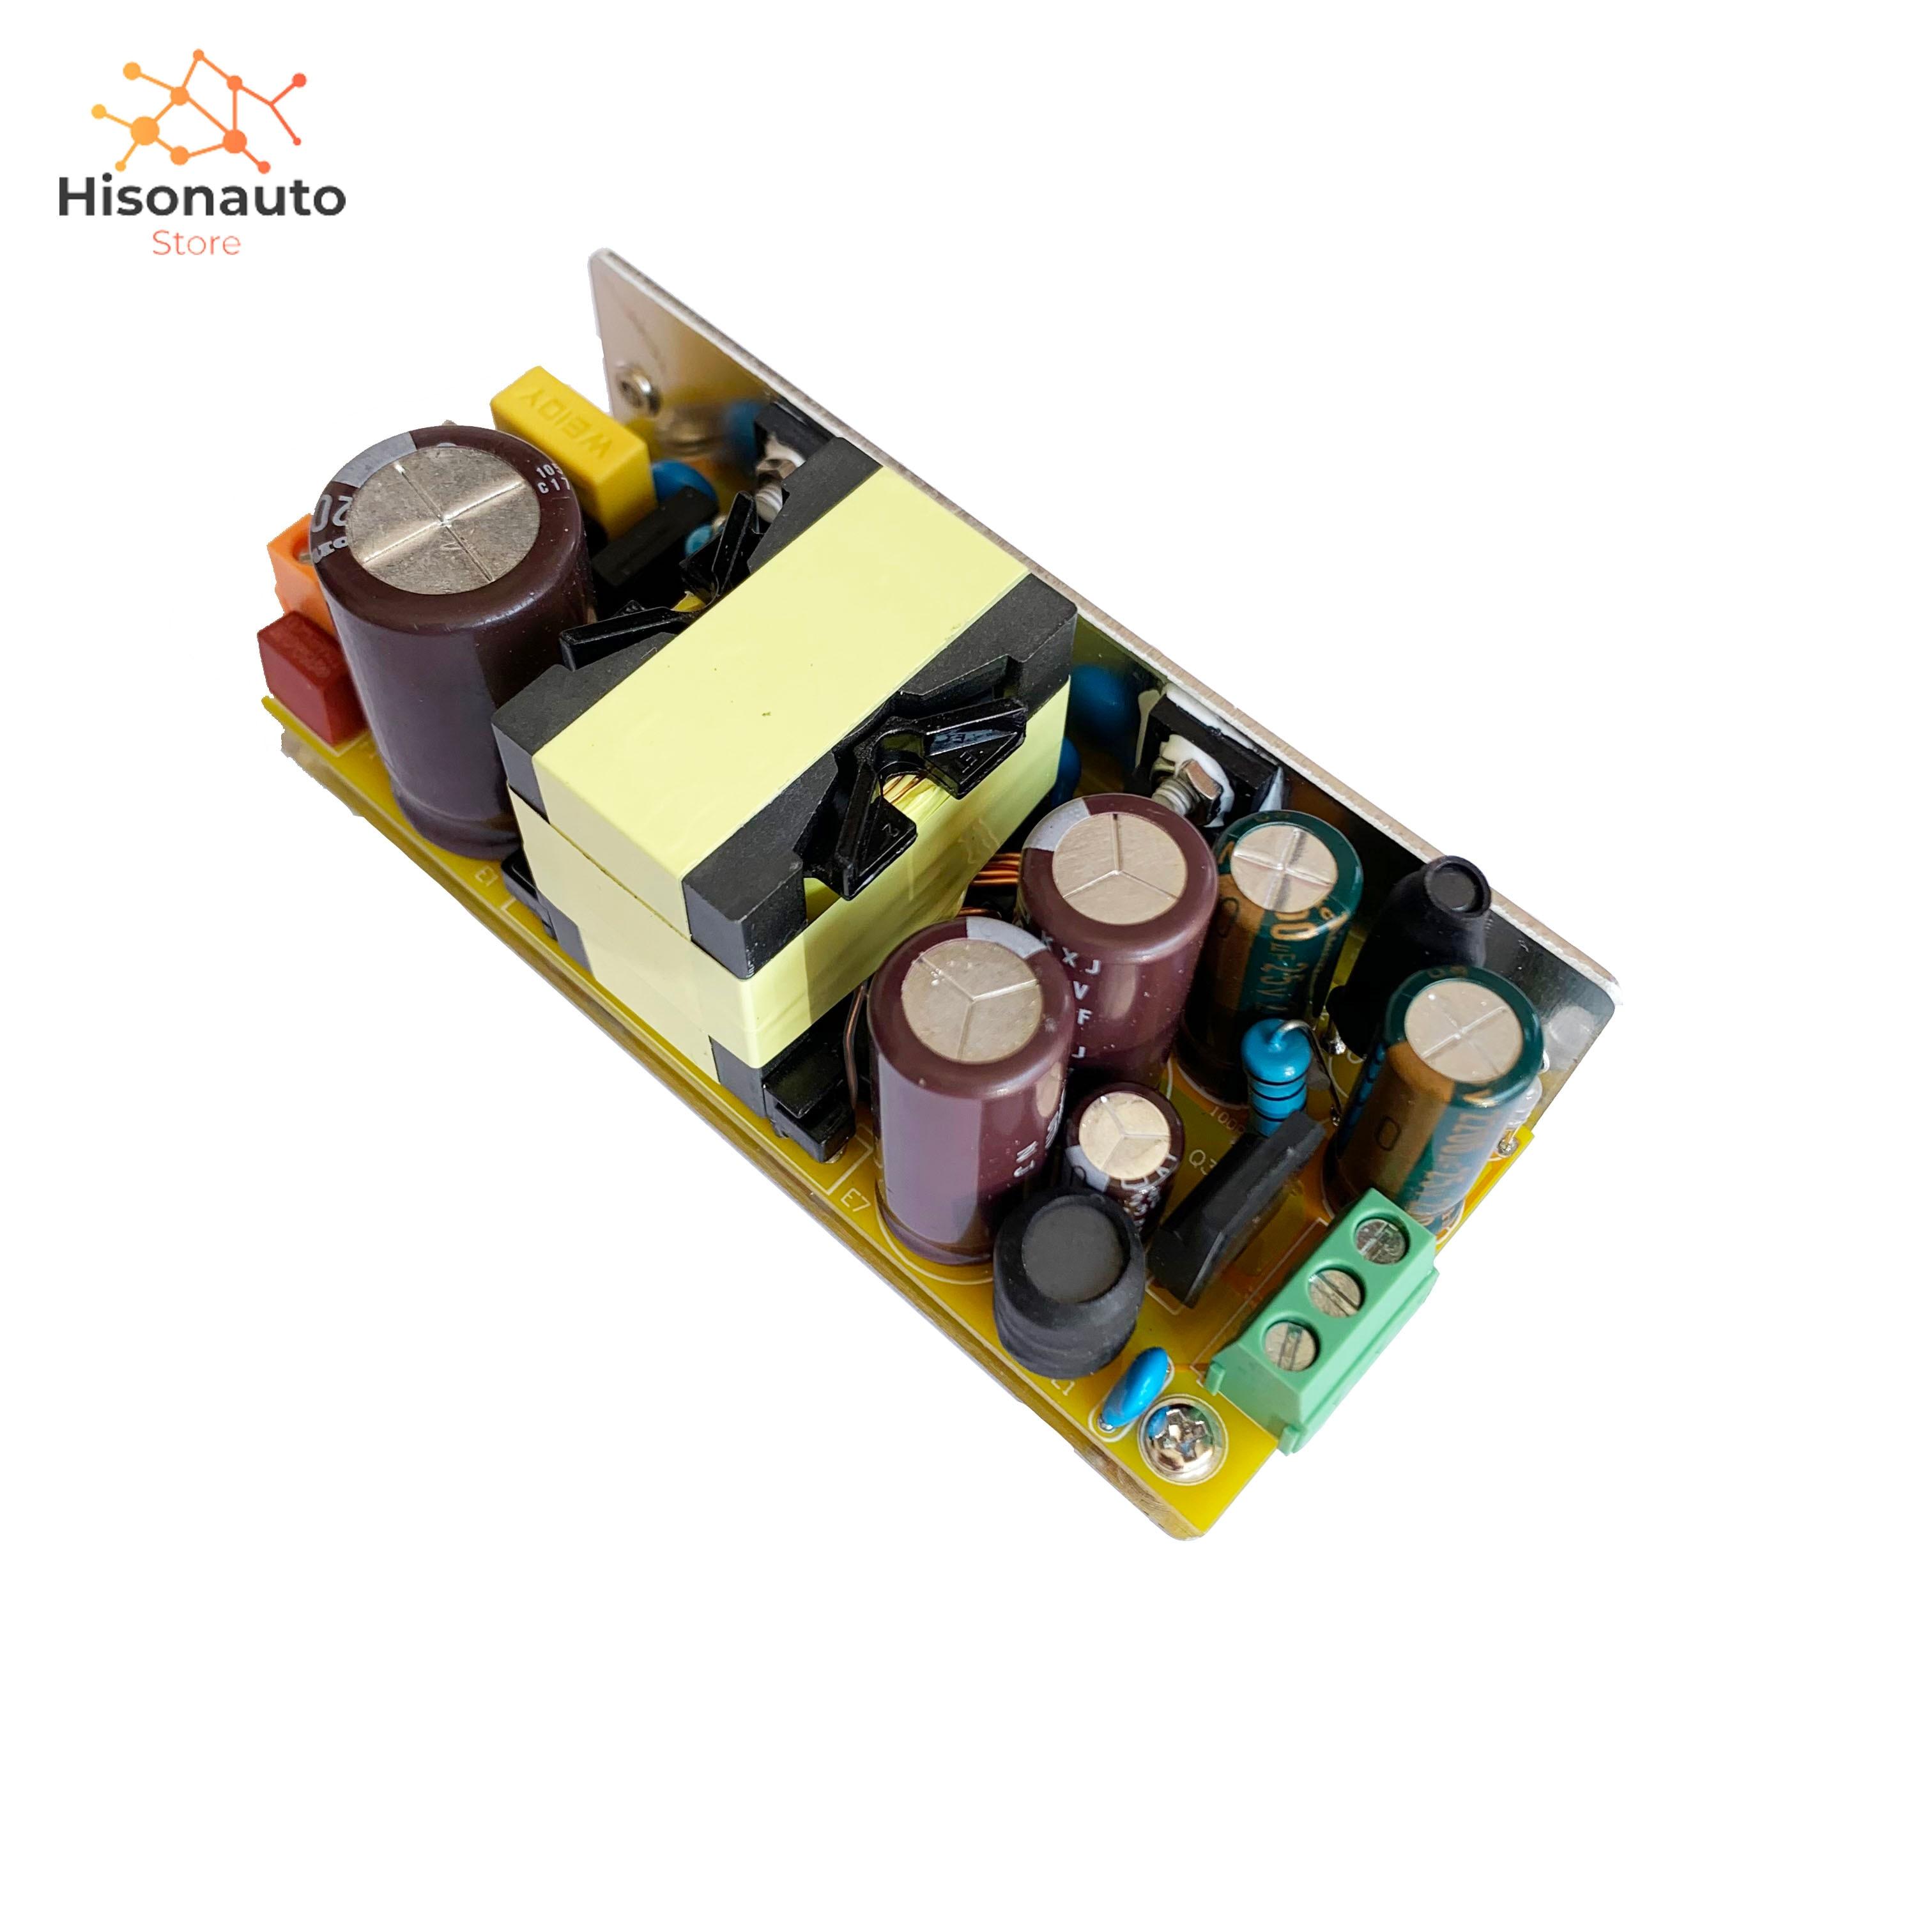 Hisonauto 150 Вт ламповый усилитель переключатель Питание доска трансформатор для аудио усилитель предусилитель радио AC95V-260V вход H312